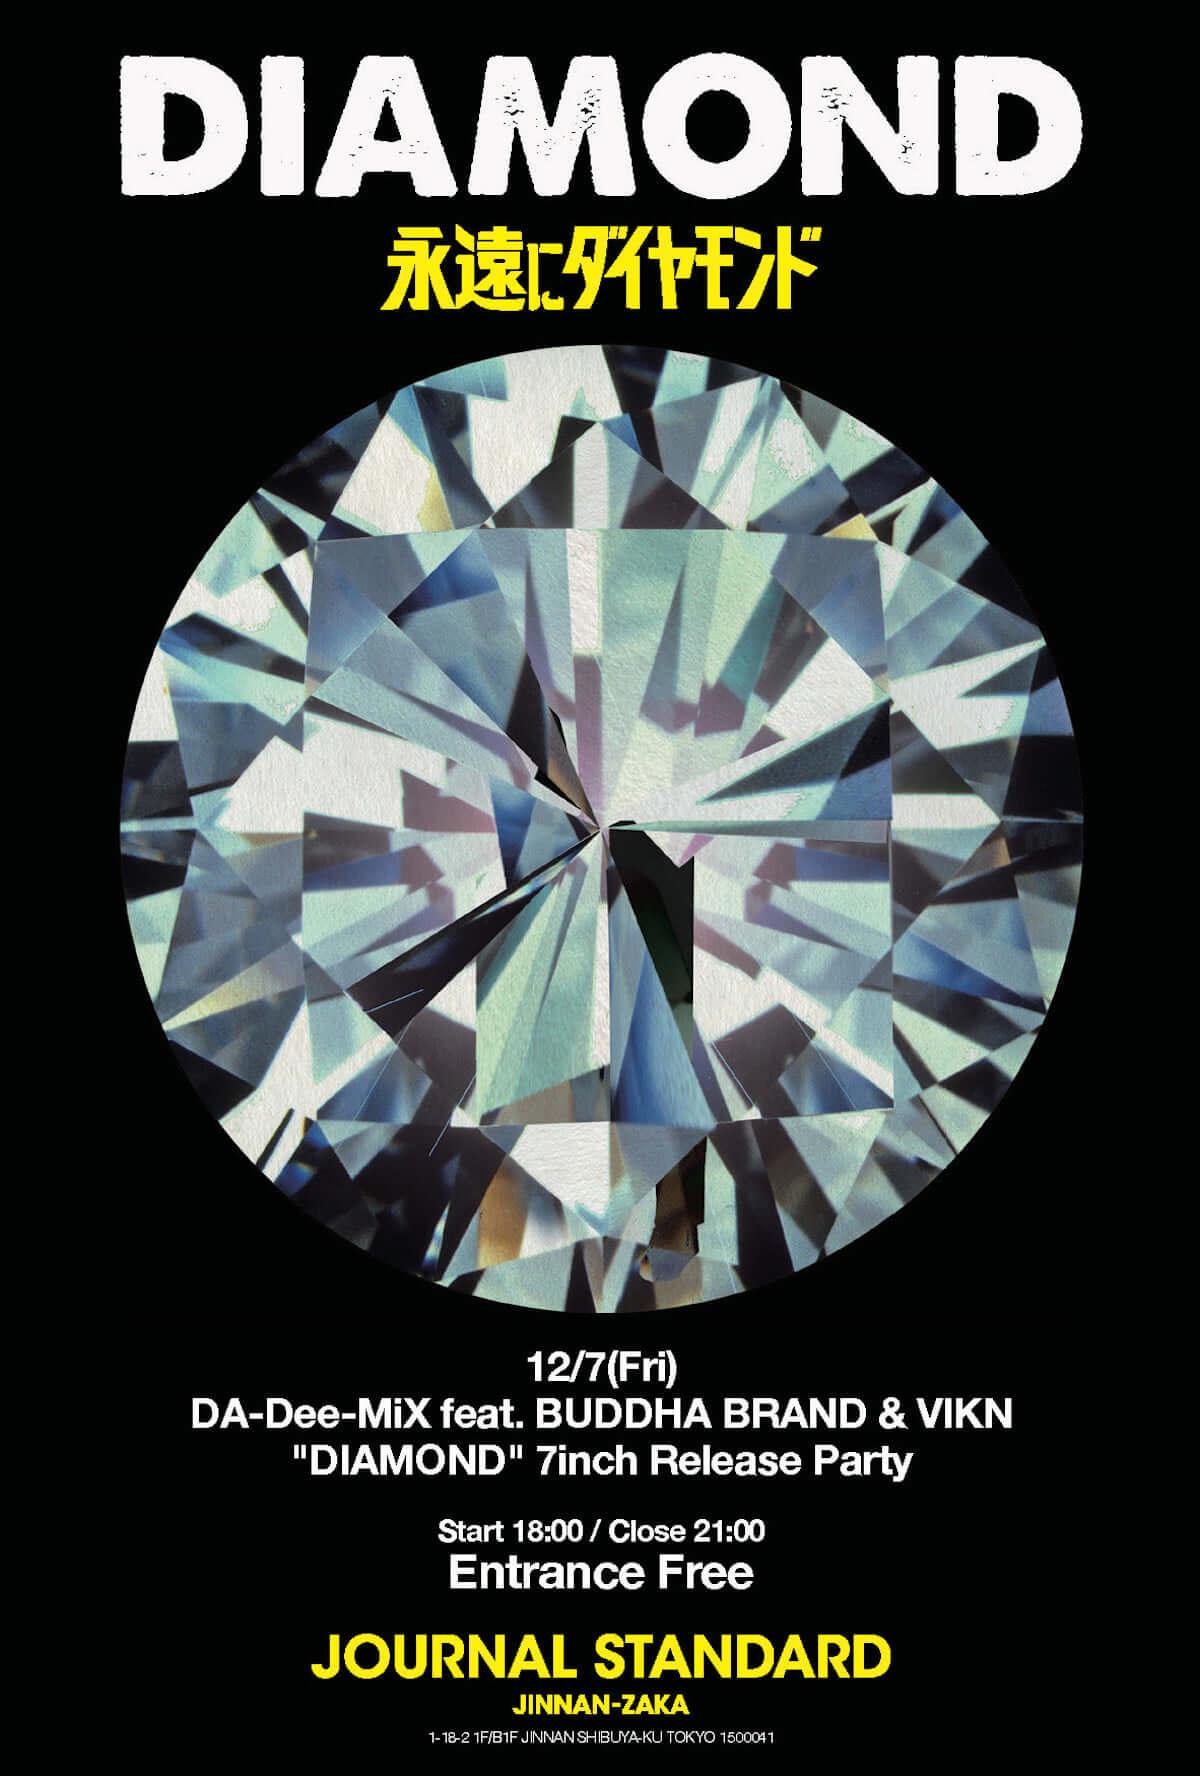 神南坂JOURNAL STANDARDにてDA-DEE MiXの7inchリリースパーティが開催|BUDDHA BRANDやVIKN、ZEN-LA-ROCKが登場 music181205-da-dee-mix-journal-standard-6-1200x1776